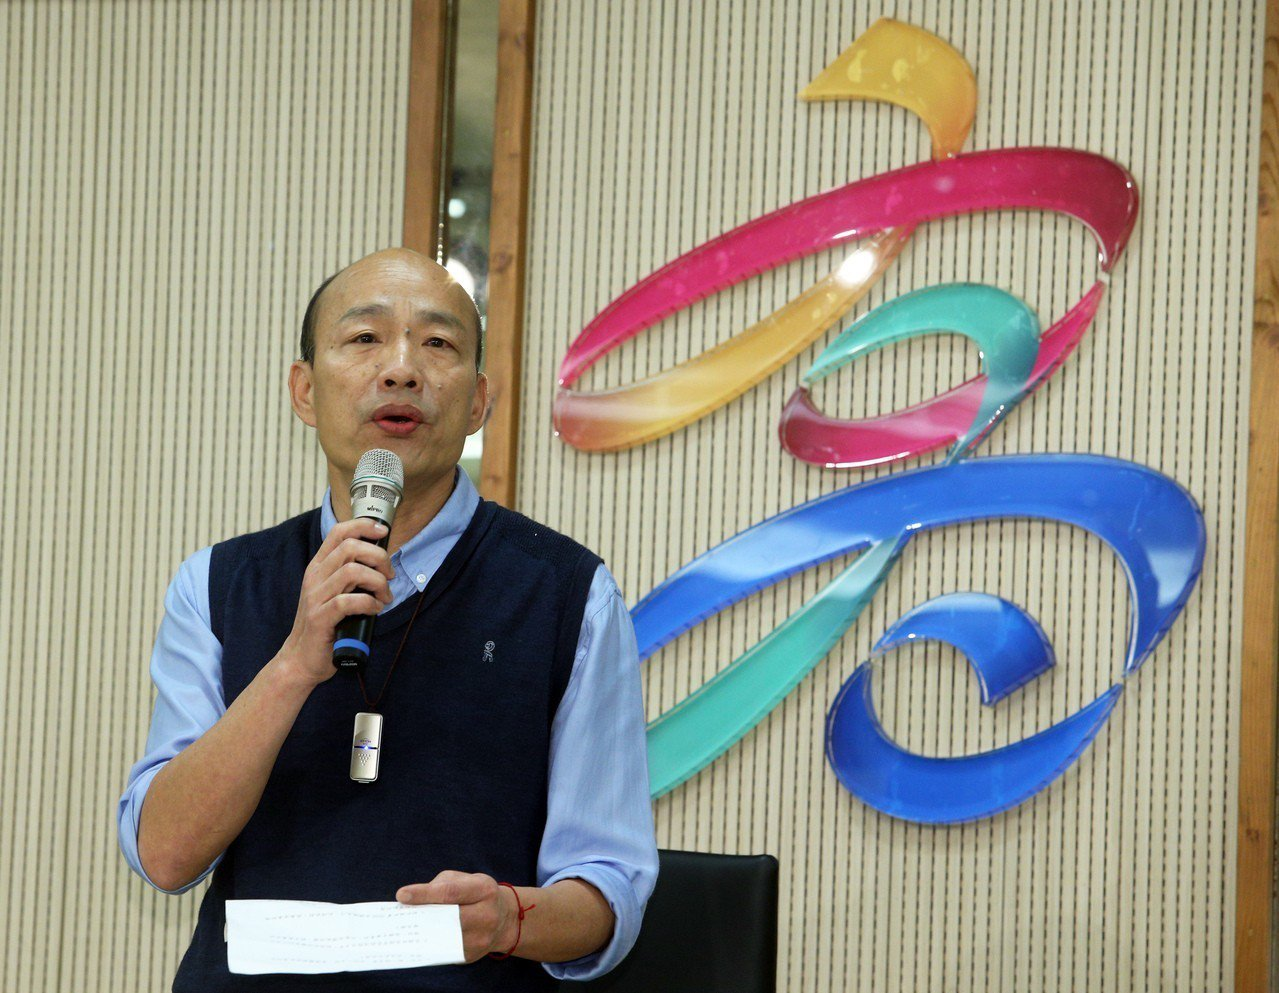 高雄市長韓國瑜今天發表聲明,談到對於國民黨2020年總統大選,此時此刻,無法參加...